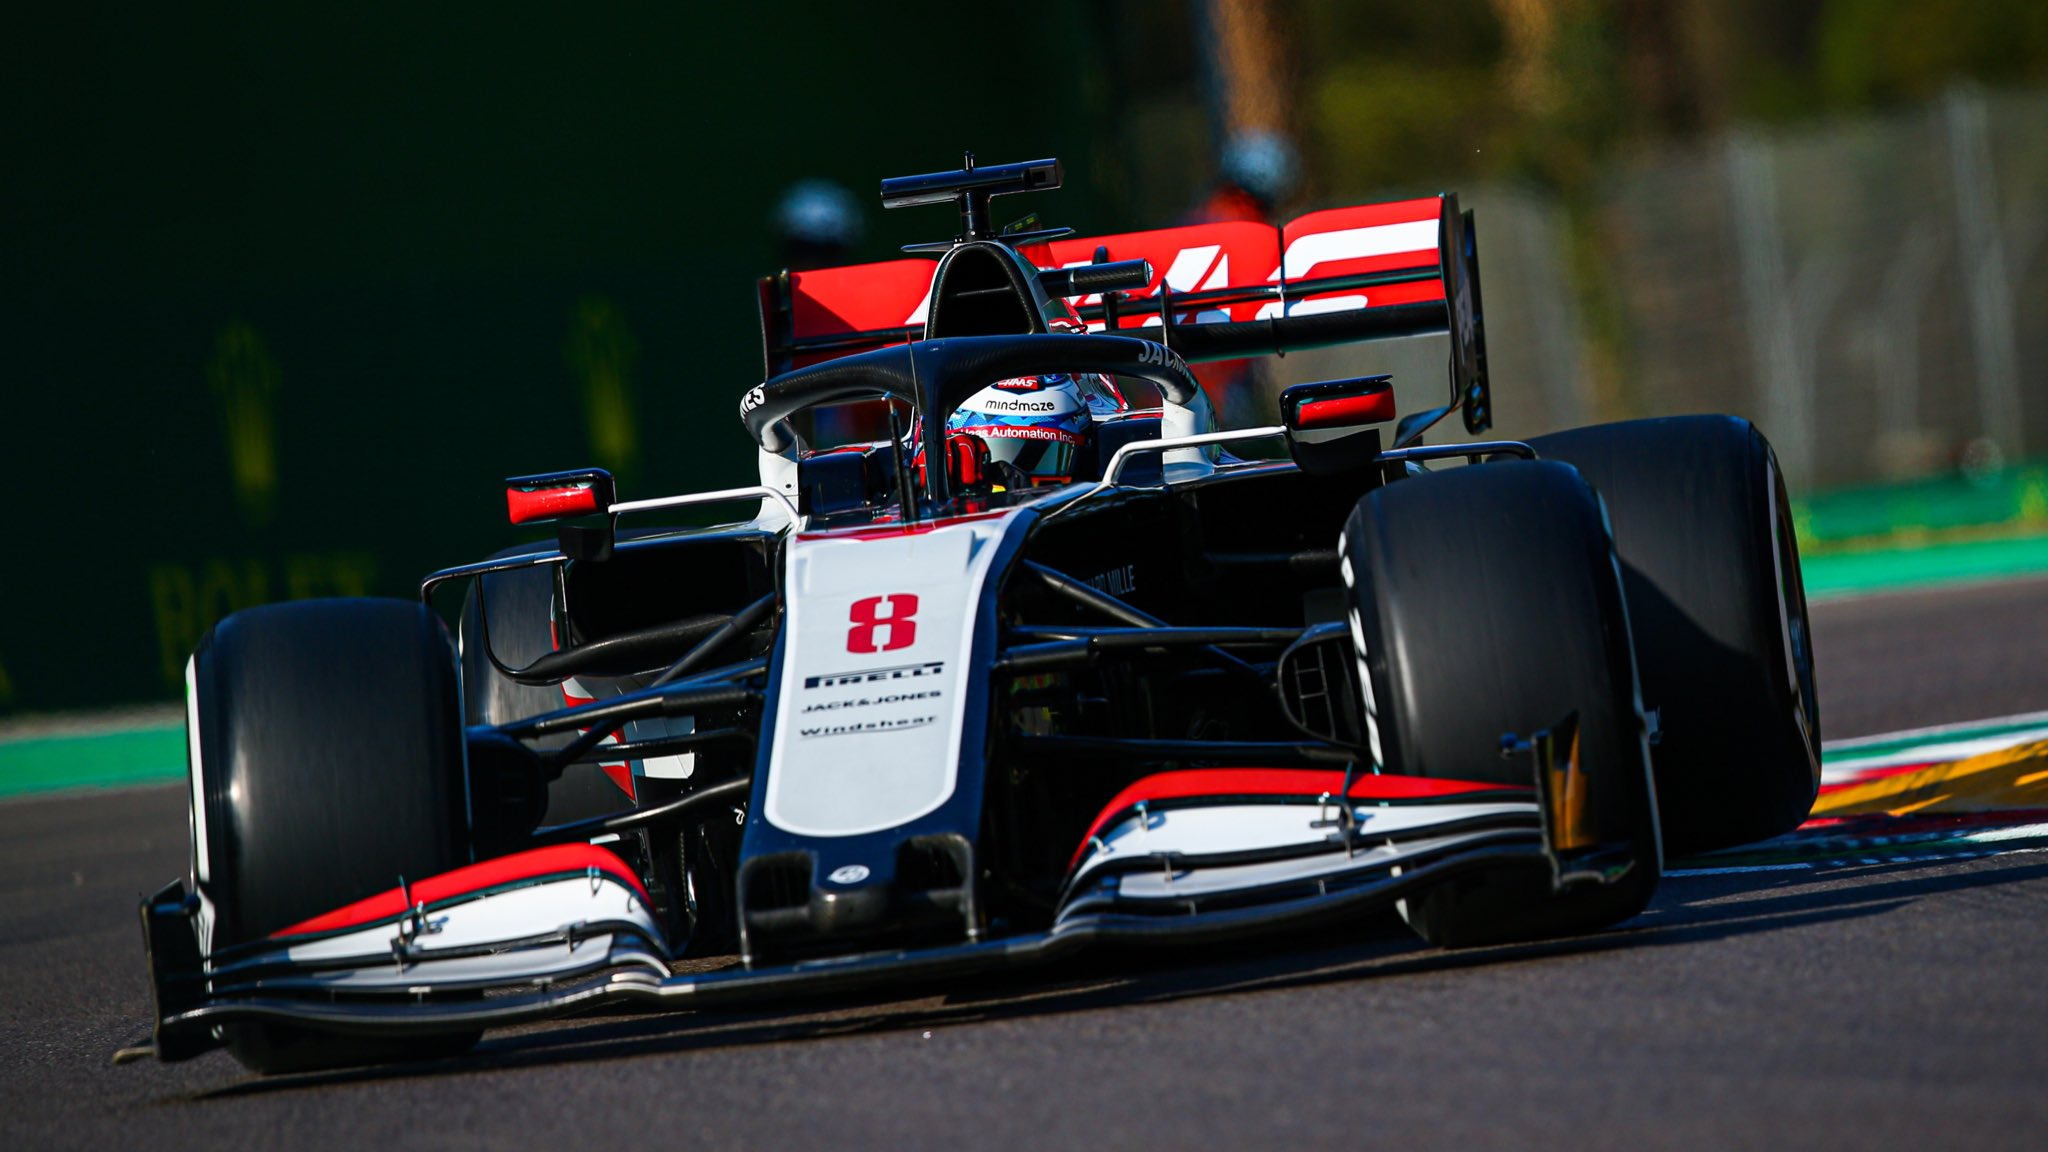 F1 - Romain Grosjean doublement pénalisé au GP d'Emilie-Romagne